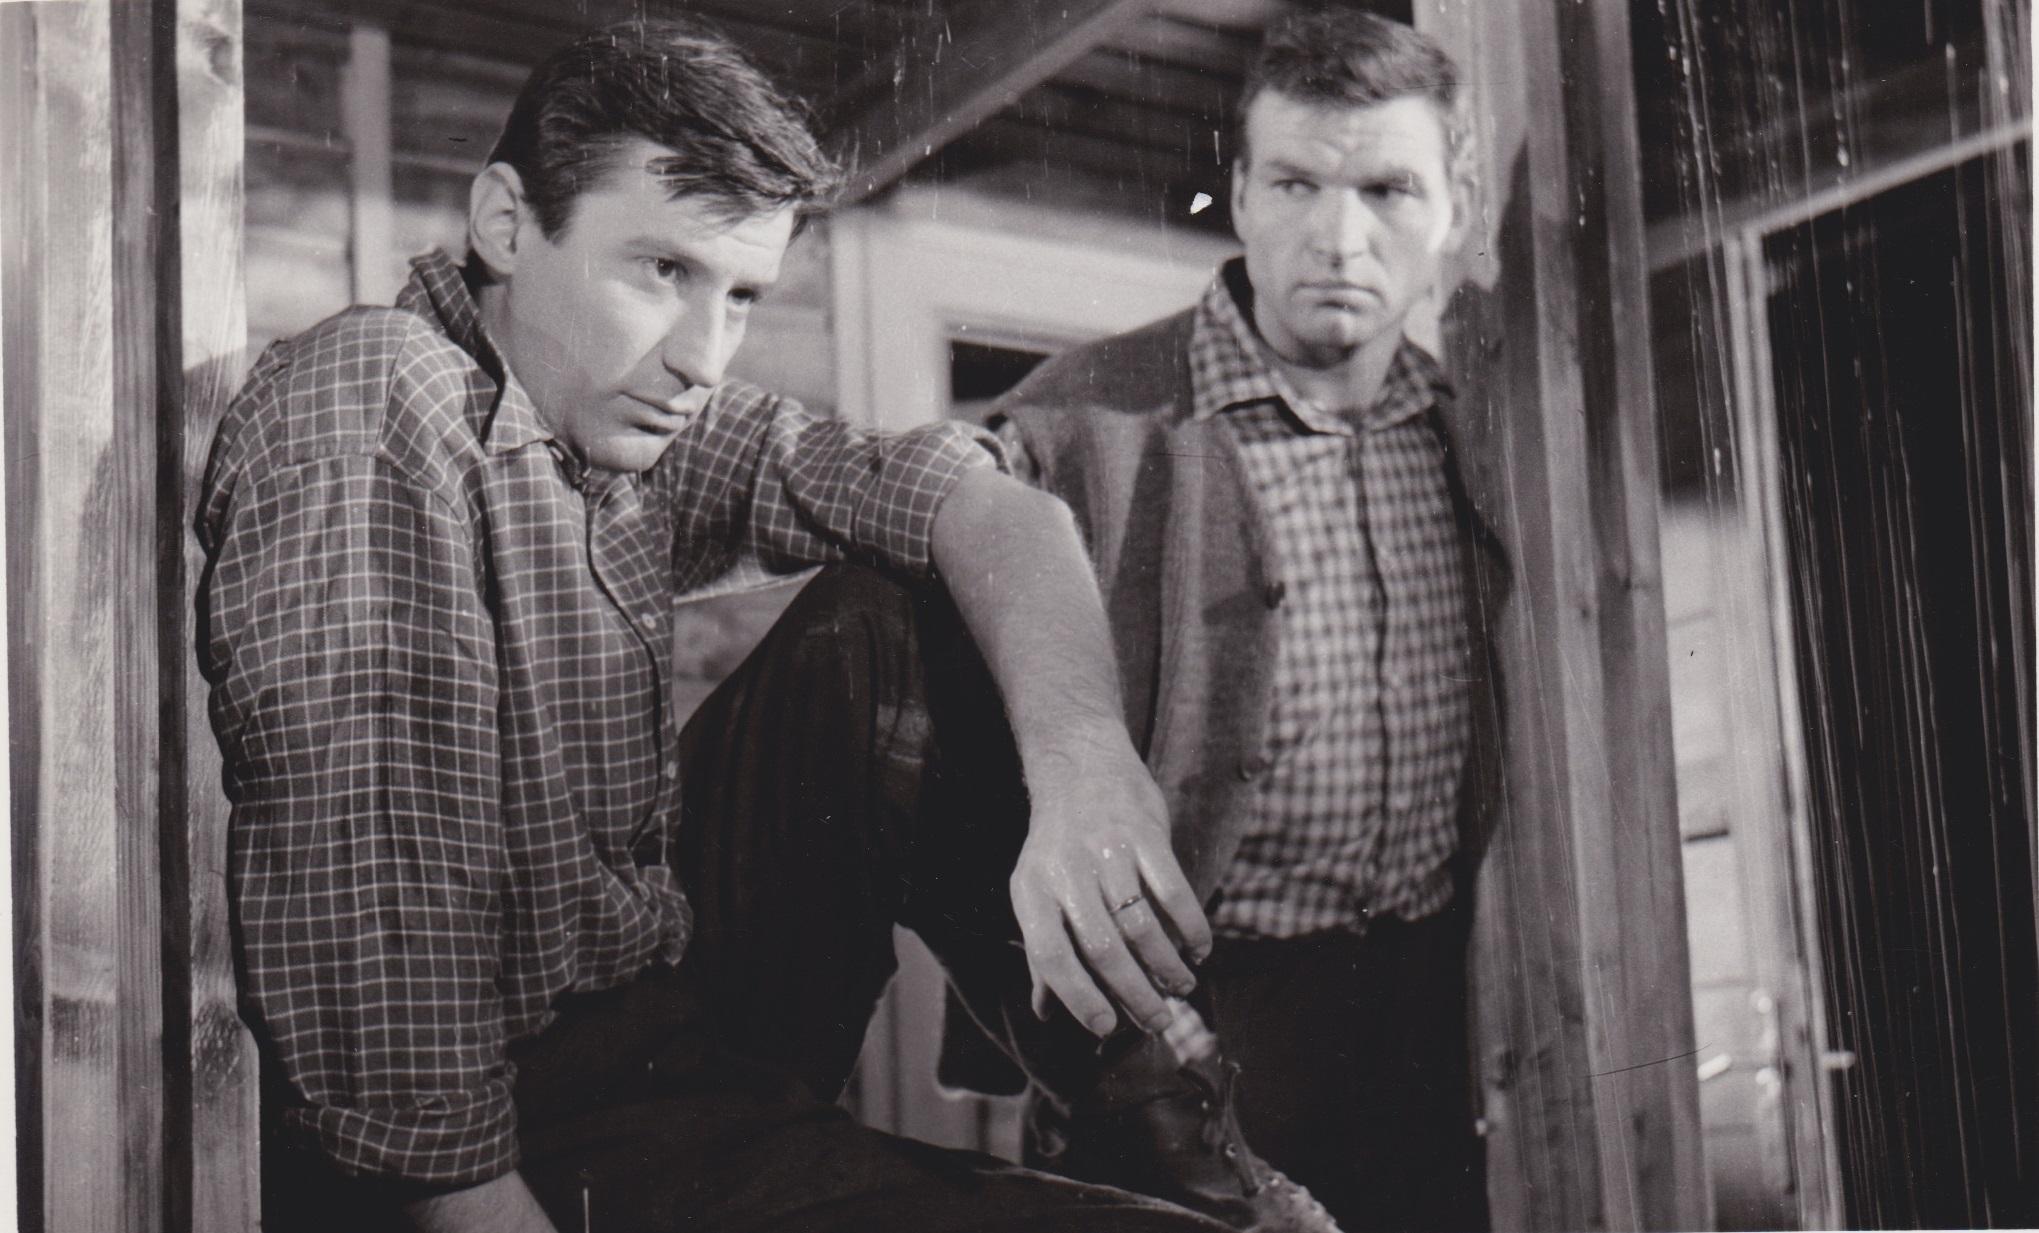 Cinci oameni la drum (1962) - Photo